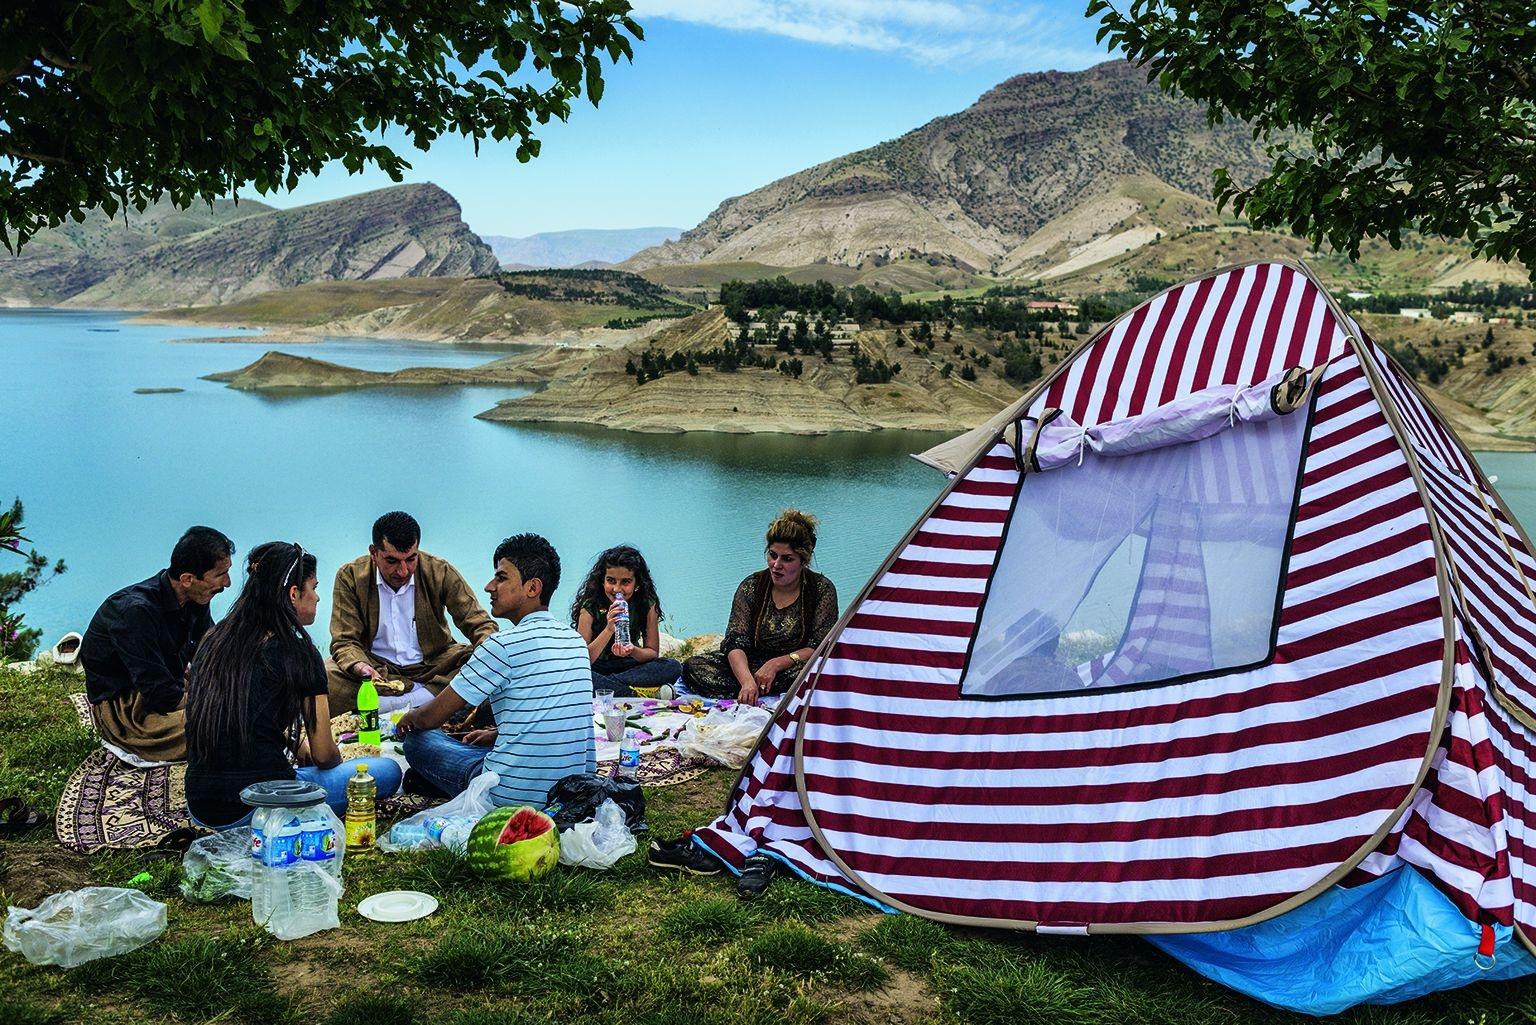 雖然戰線就在不到三小時車程遠處,許多庫德族人仍堅持家庭野餐還是要照舊。攝影:尤里.科濟列夫 Yuri Kozyrev